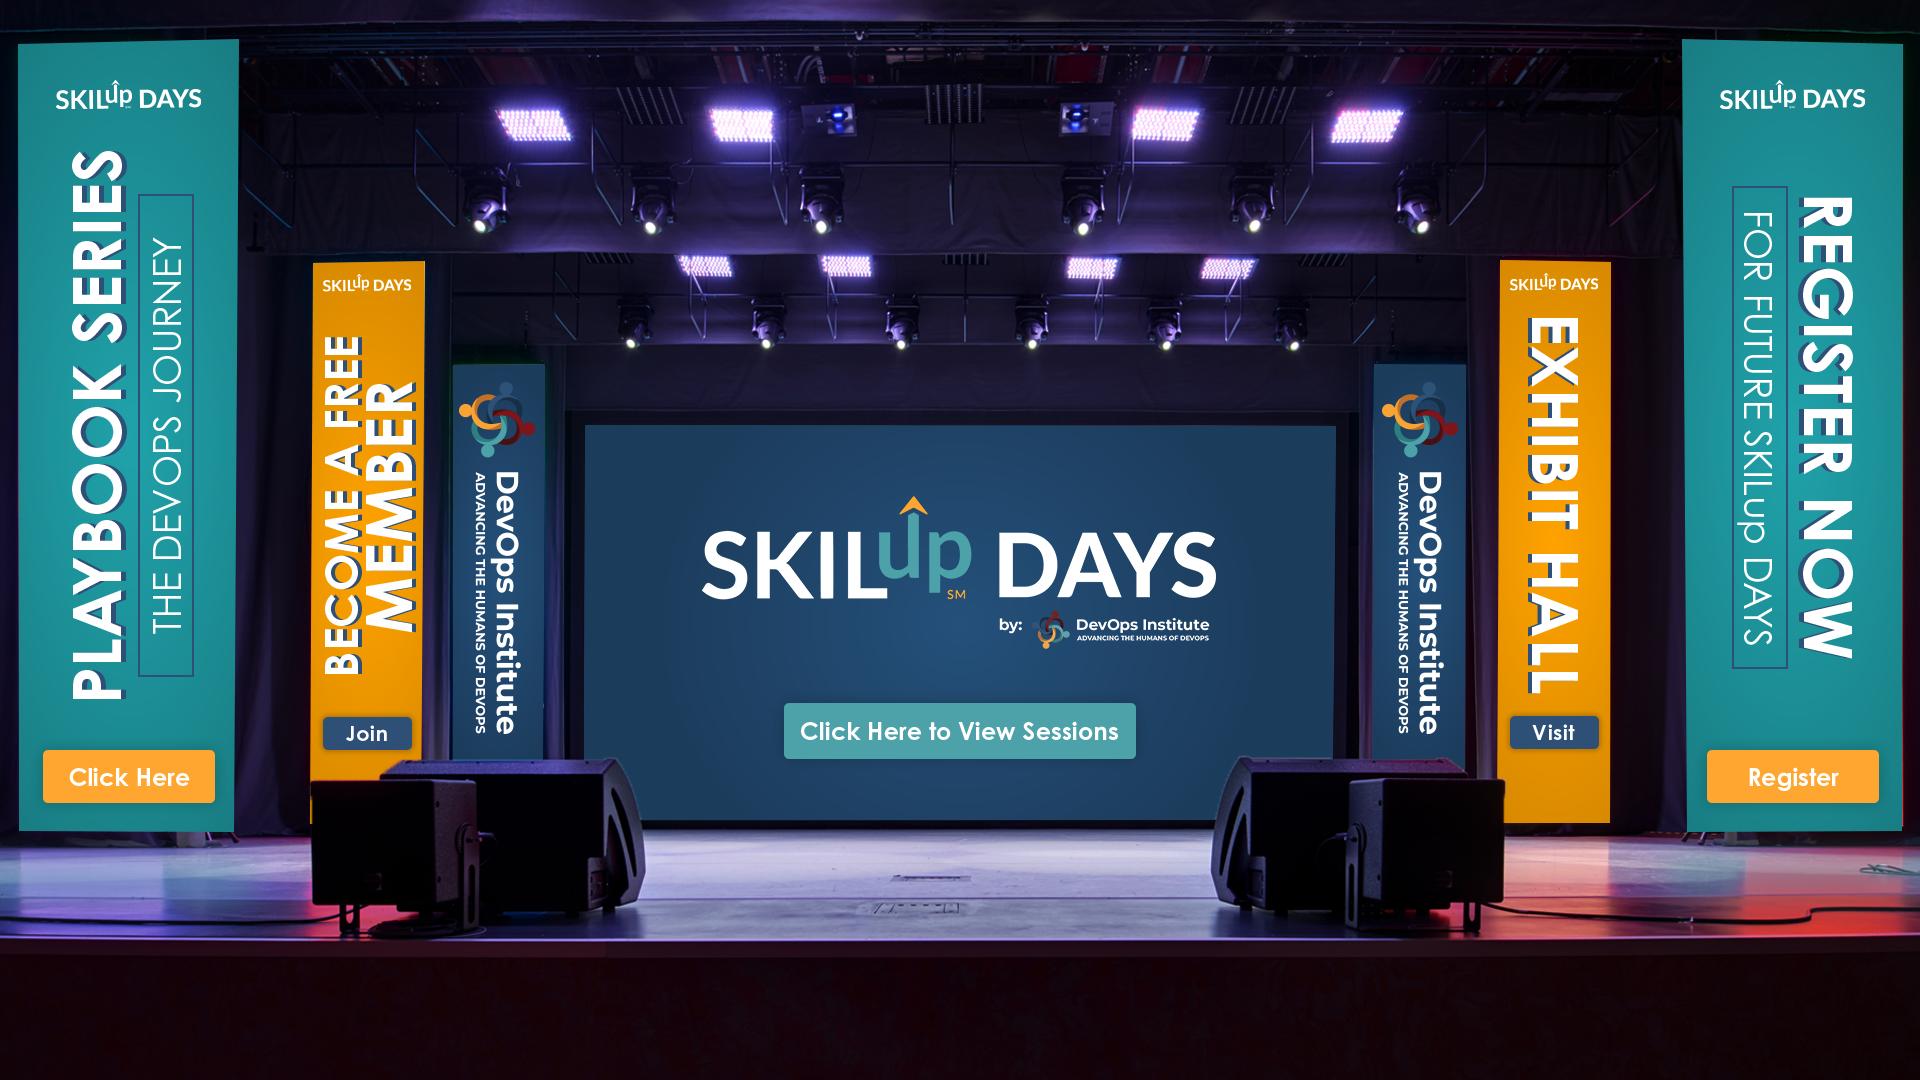 DOI_SKILup-Auditorium_8-13 (1)-1